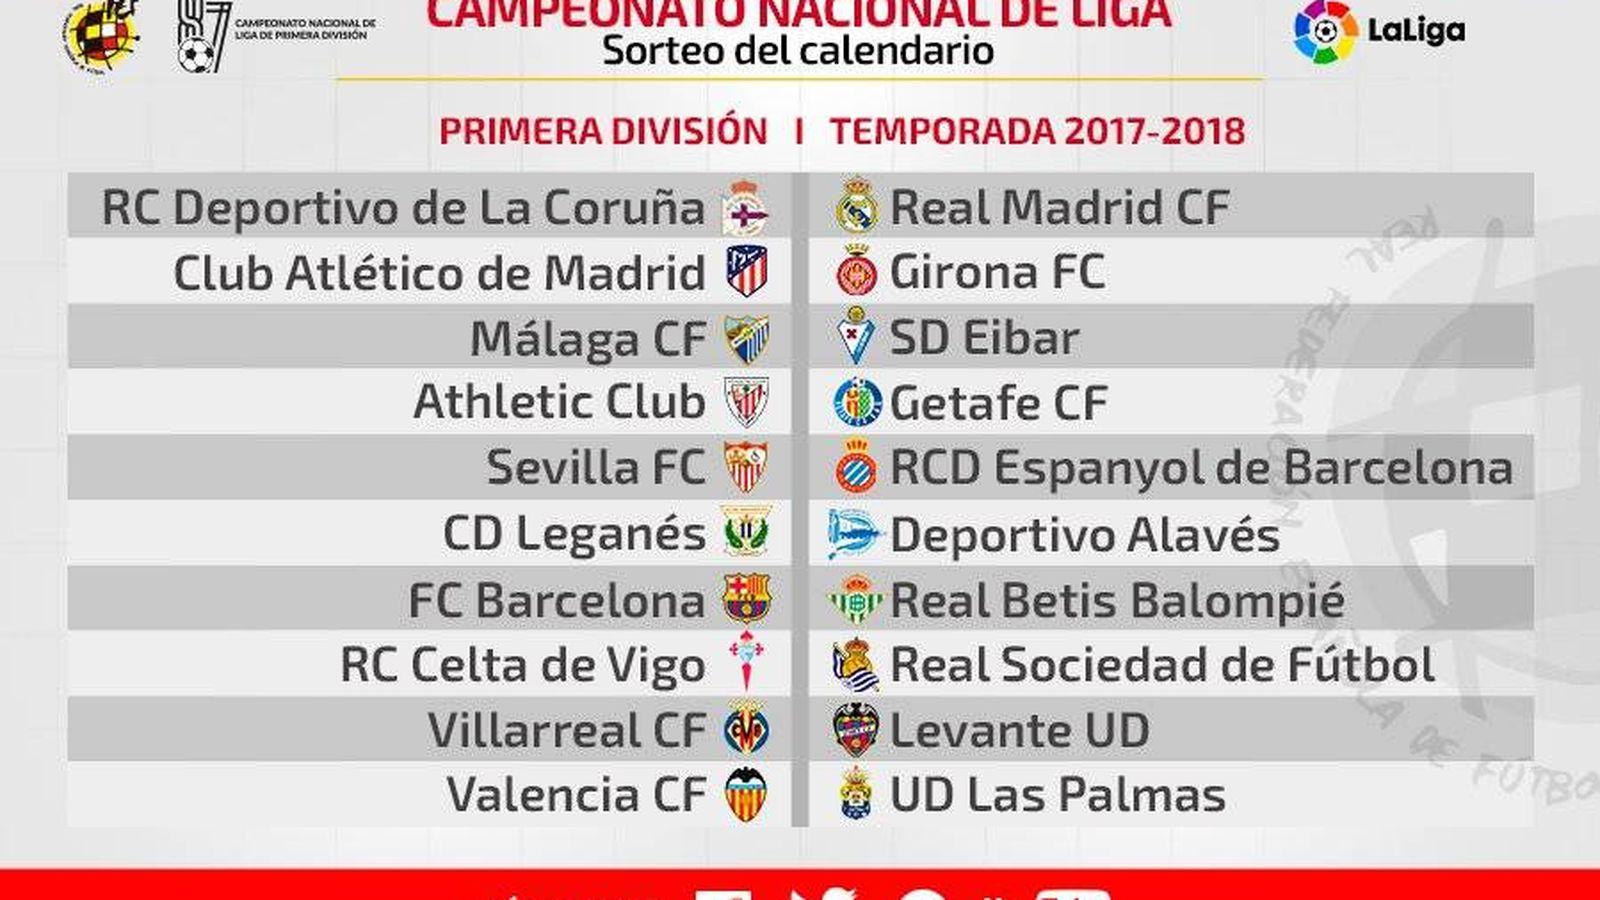 Calendario De La Liga Espanola De Futbol.Sorteo El Real Madrid Barcelona Se Juega El 20 De Diciembre Y El De